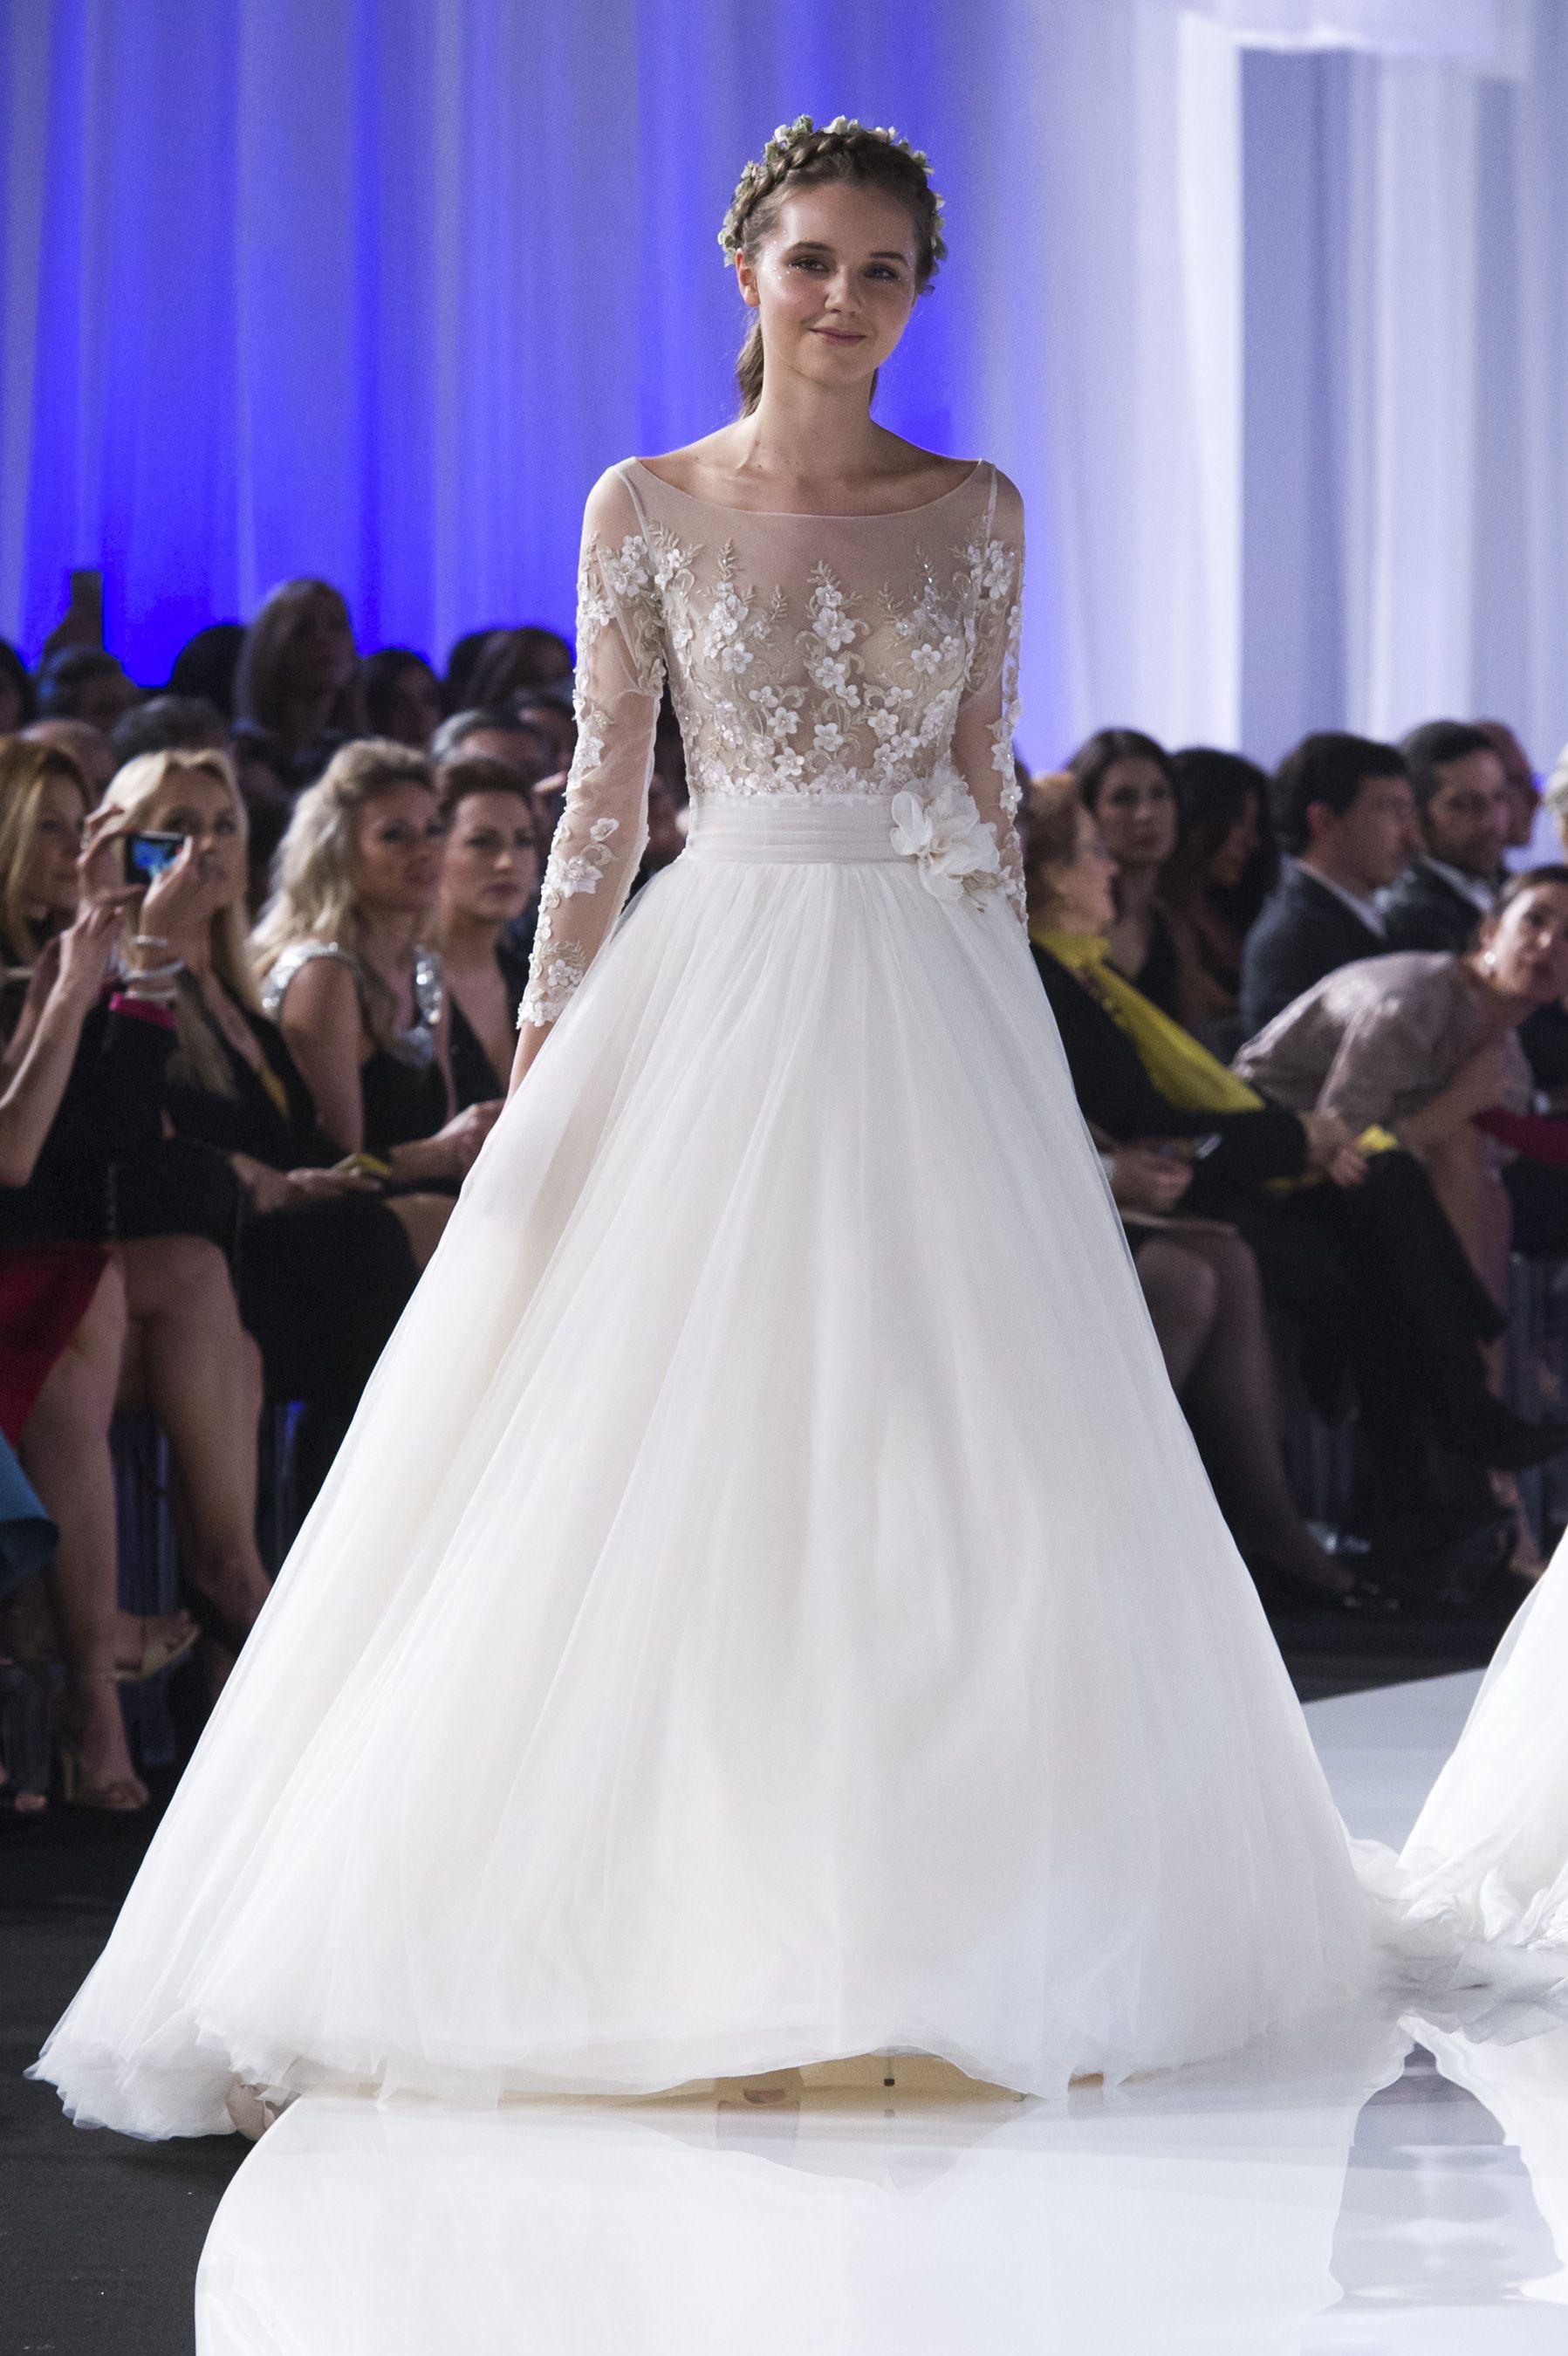 Cinderella Dress 2018 Bride